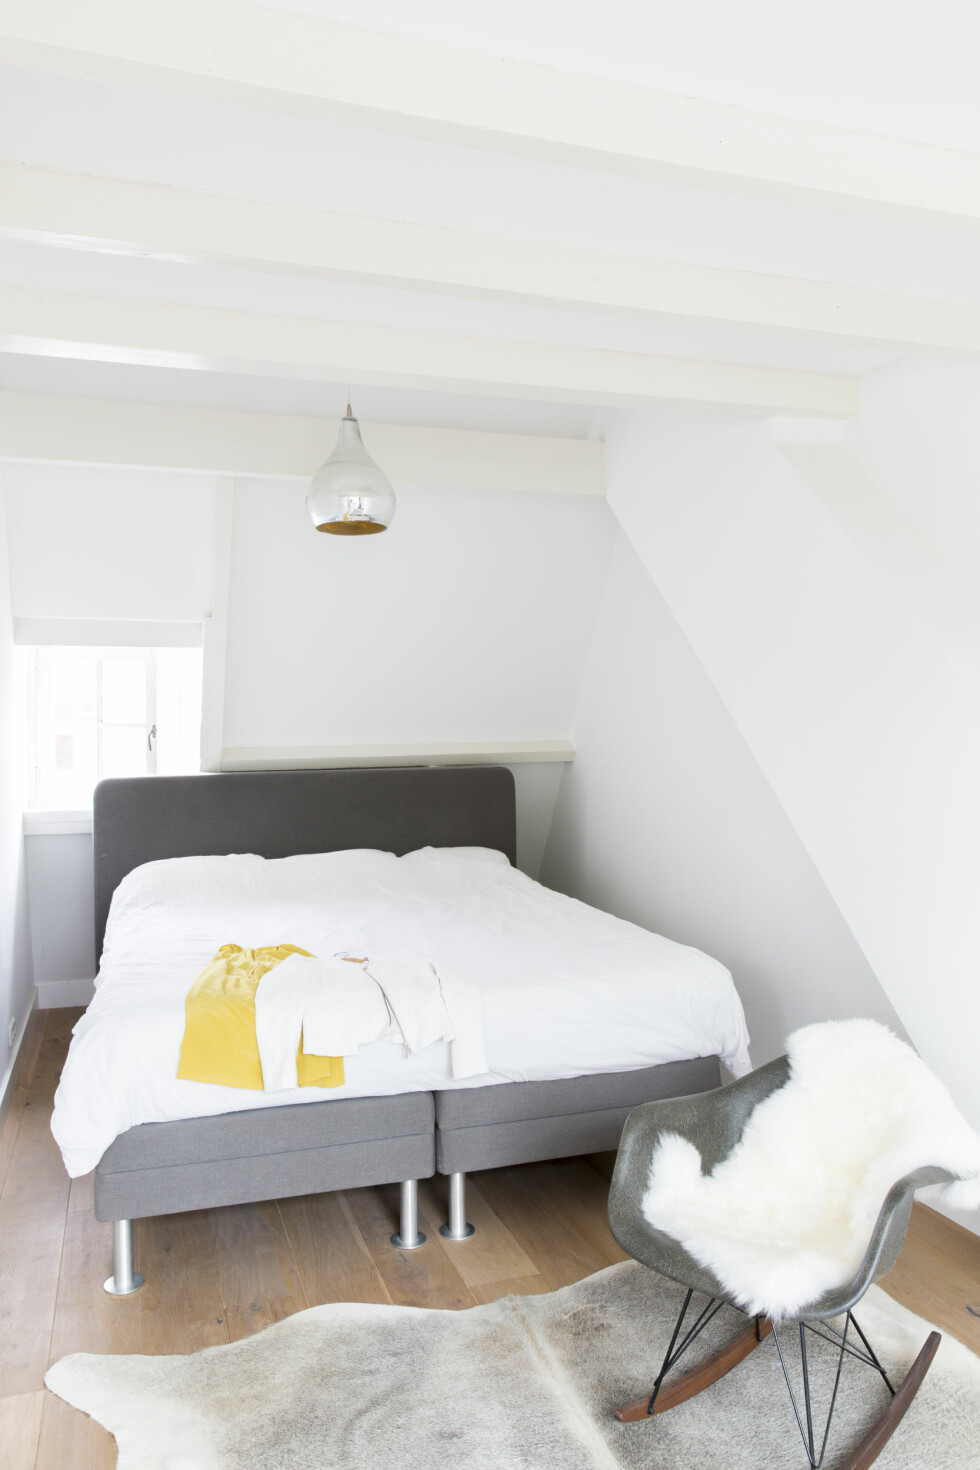 TRENDY SOVEROM: Det lille, enkle soverommet ligger iden øverste etasjen med utgang til takterrassen, og her er paletten holdt helt rolig og delikat i hvitt og grått. Gyngestolen er vintage fra modernvintage.nl. Linsengetøy er supertrendy, og det er ikke rart: Råfint å se på – og en drøm å sove i! Foto: Margriet Hoekstral